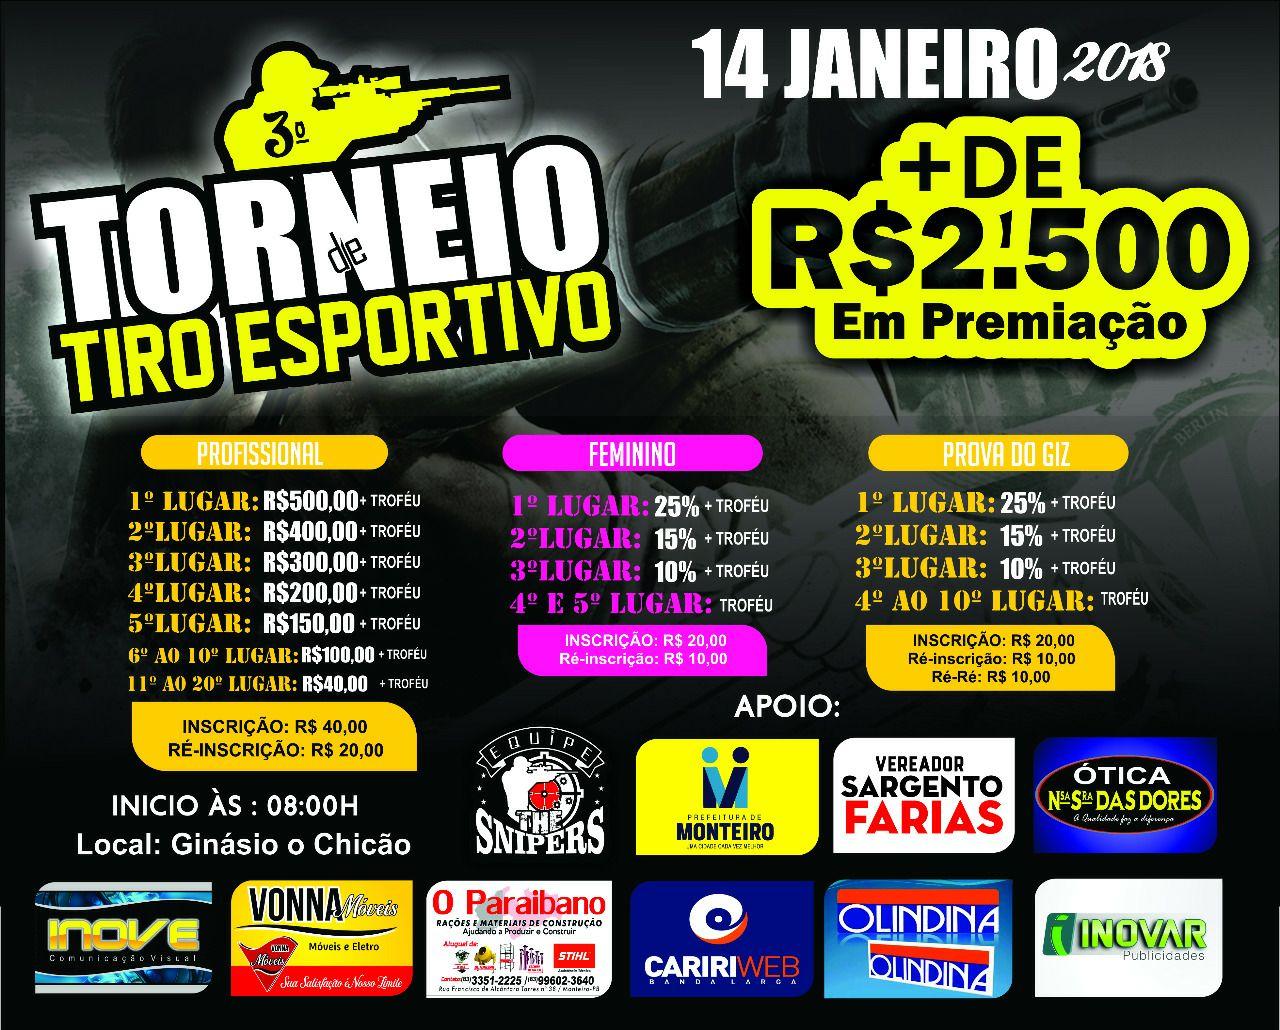 TORNEIO-DE-TIRO-ESPORTIVO-300x241 Monteirense é 1º Lugar em Bolão de Tiro Esportivo Carabina de Pressão em São José do Egito